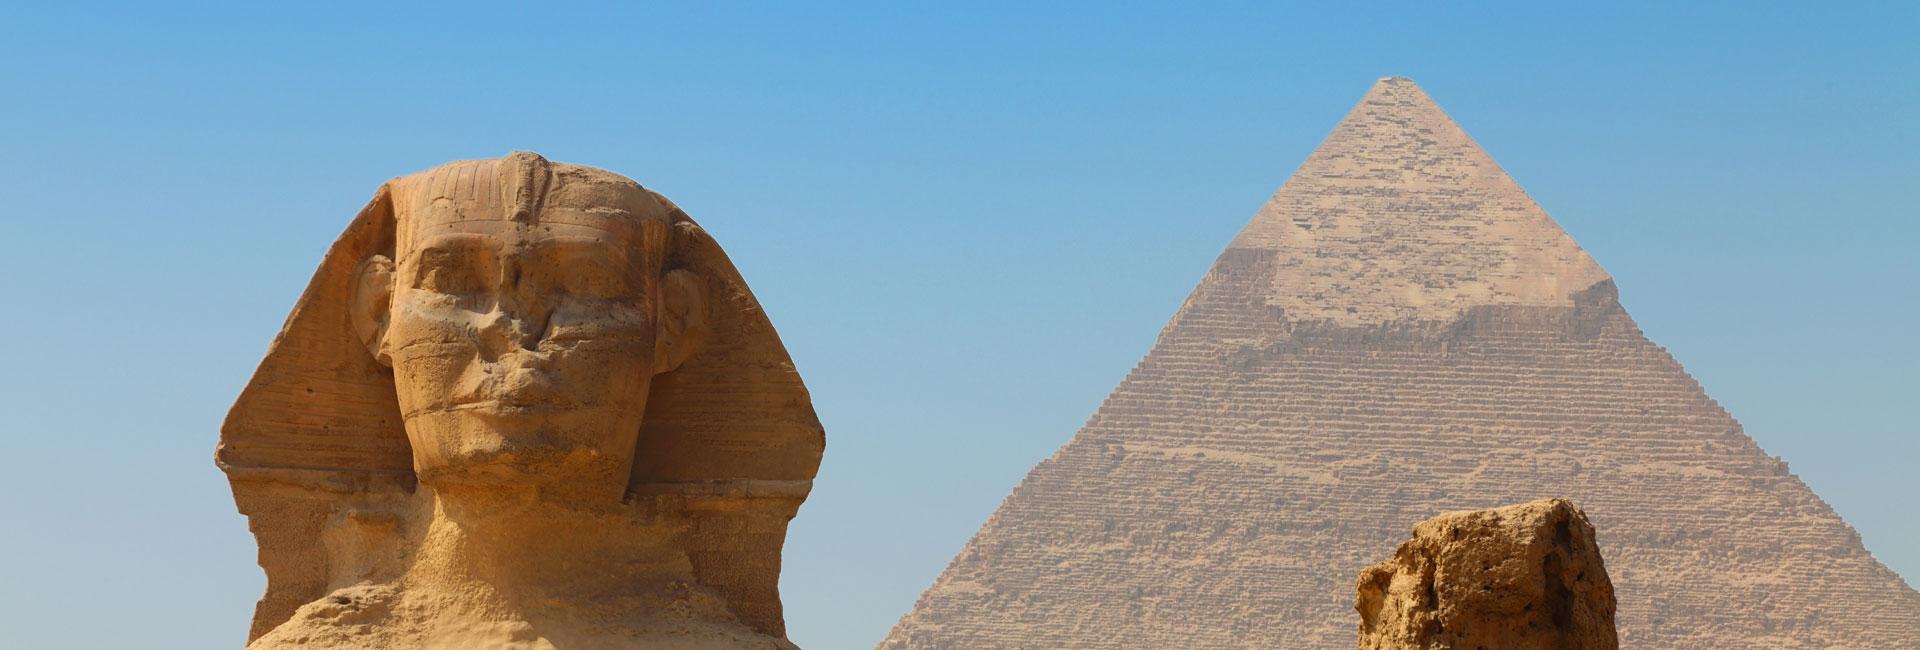 תרבויות העולם העתיק